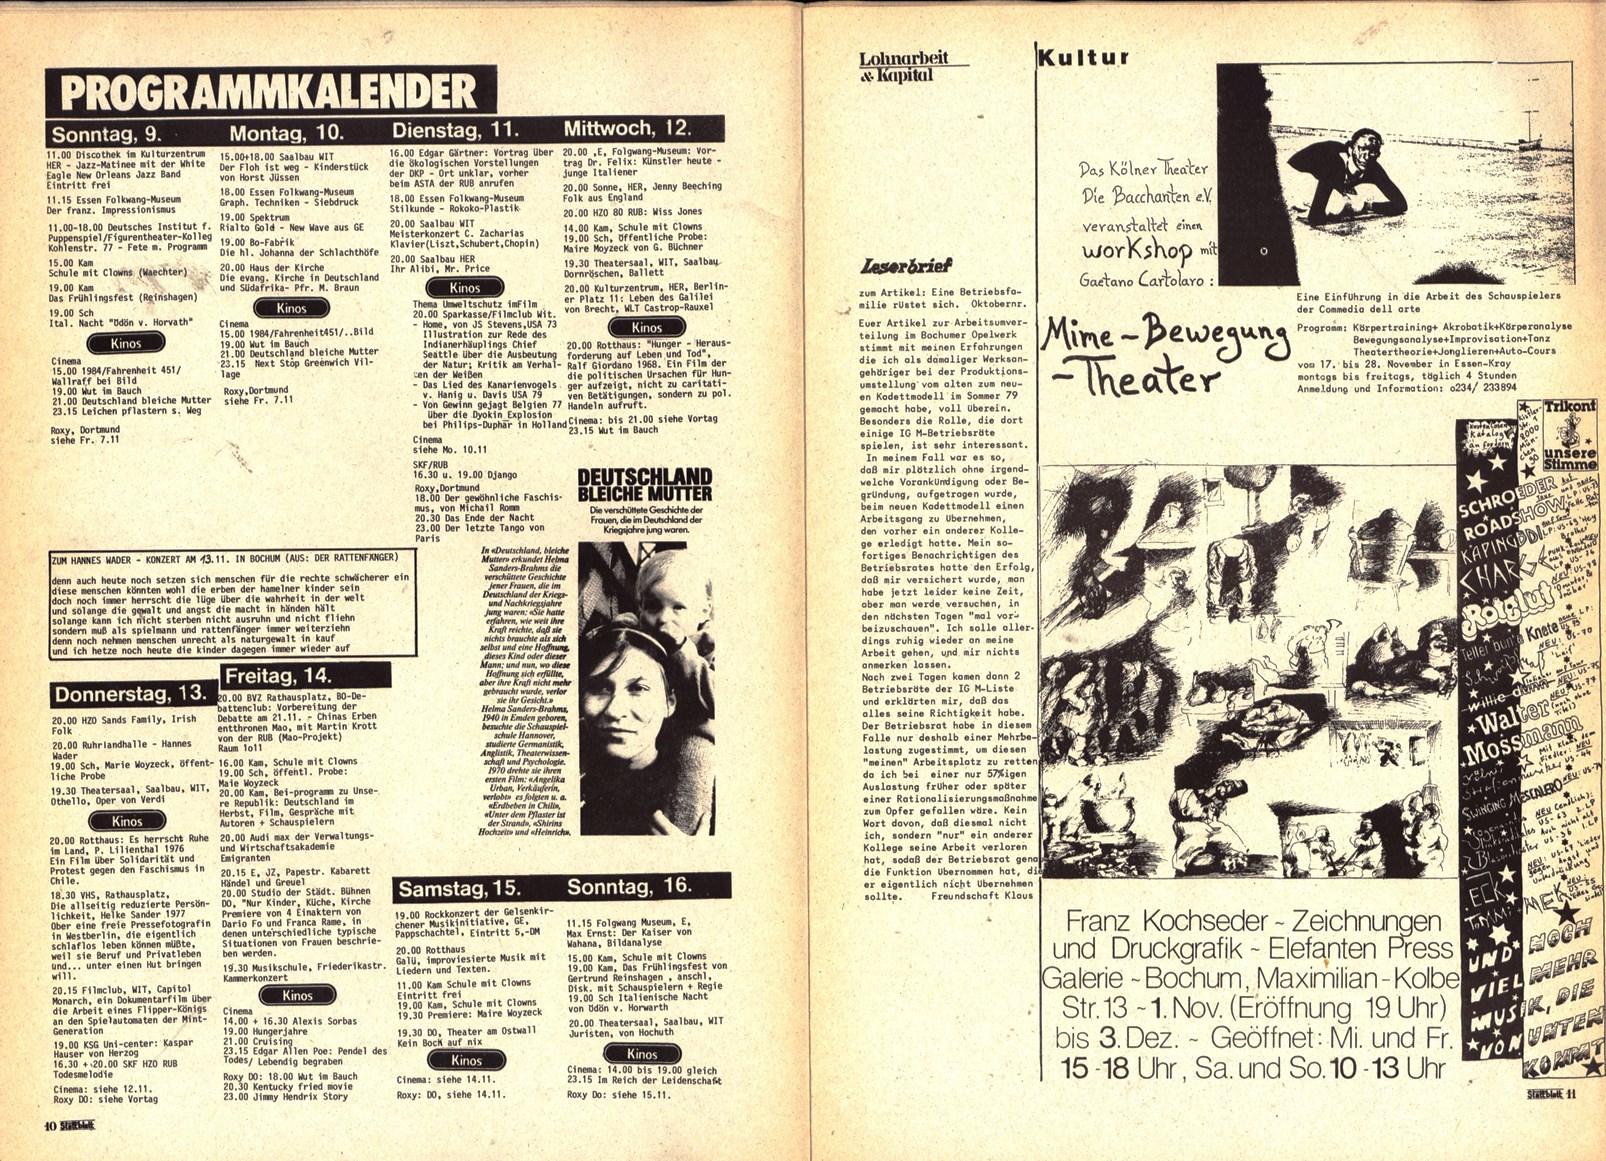 Bochum_Stattblatt_19801100_42_06